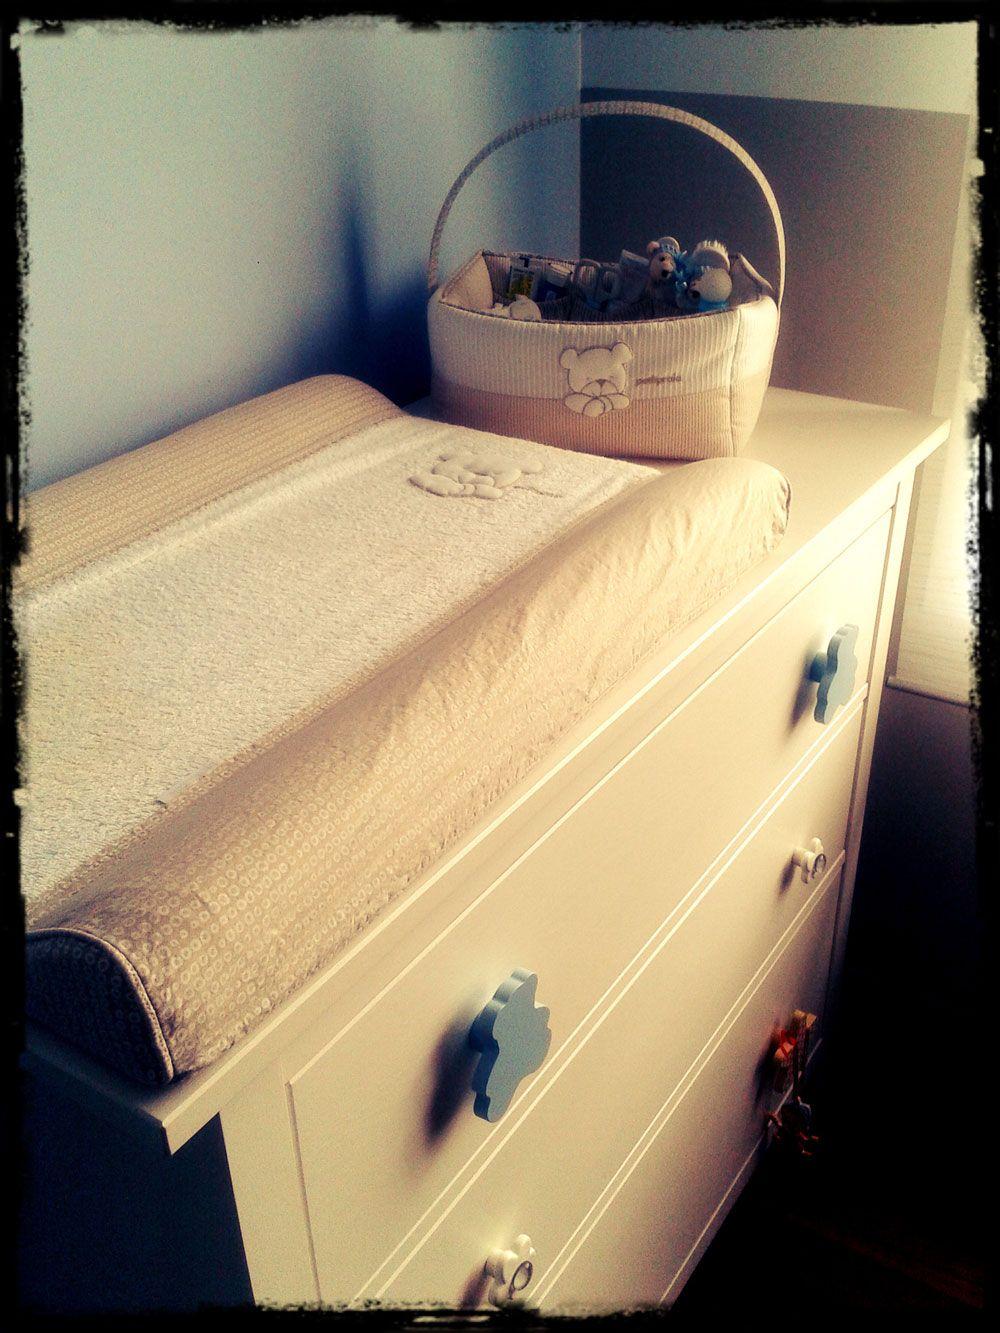 Transforma una c moda de ikea en un coqueto cambiador de beb diy m s fotos en el siguiente - Cambiador de bb ...